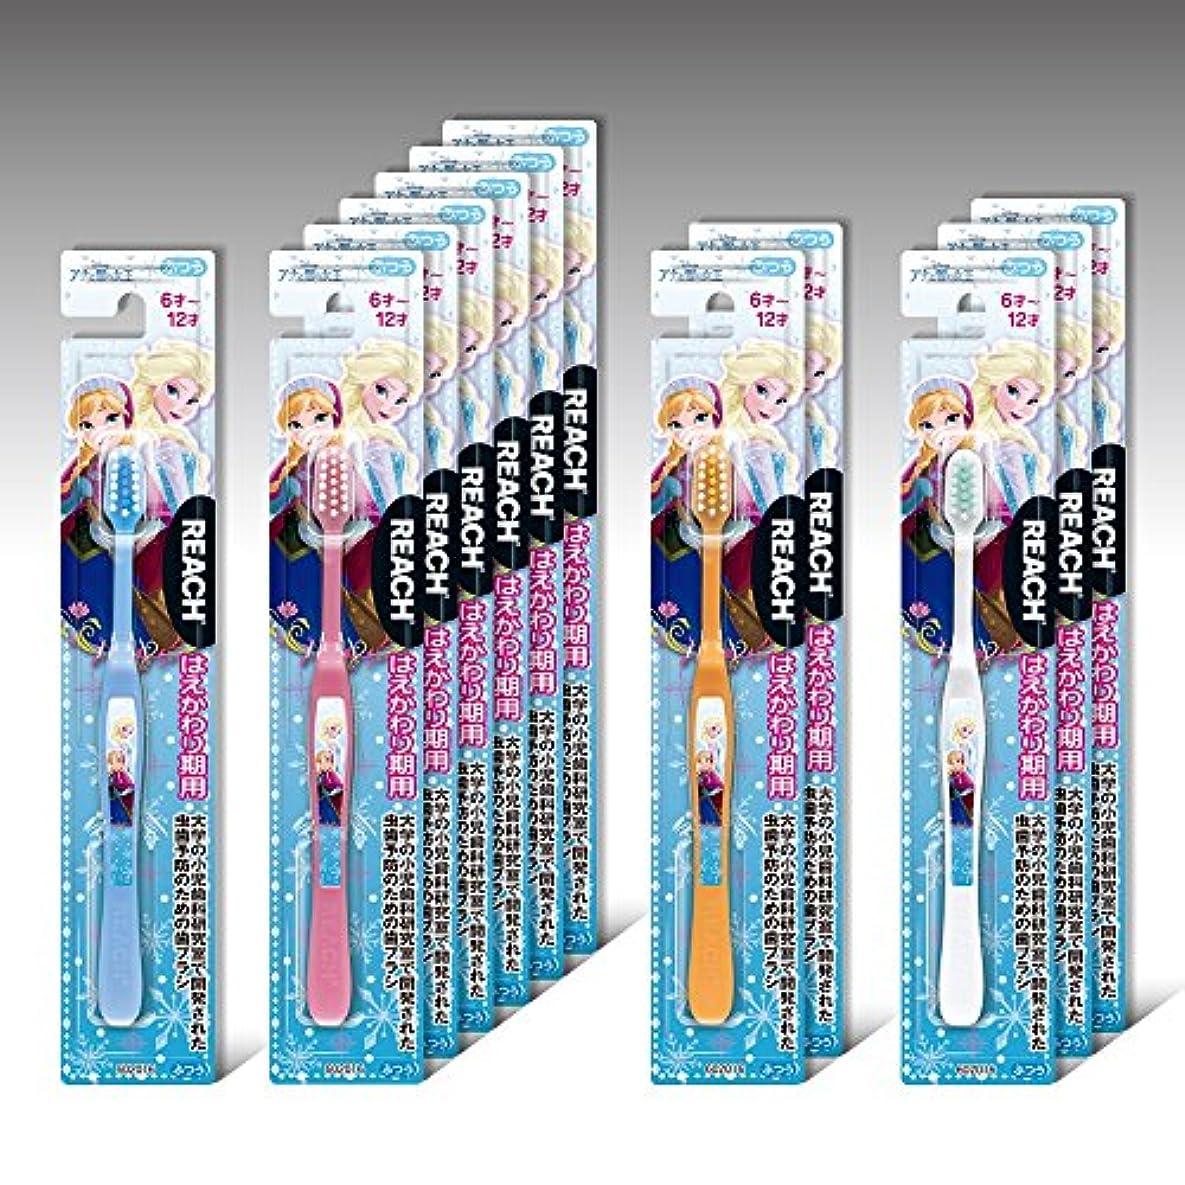 洞窟ロッドマサッチョリーチキッズ ディズニー アナと雪の女王 はえかわり期用(6~12才) 12本セット